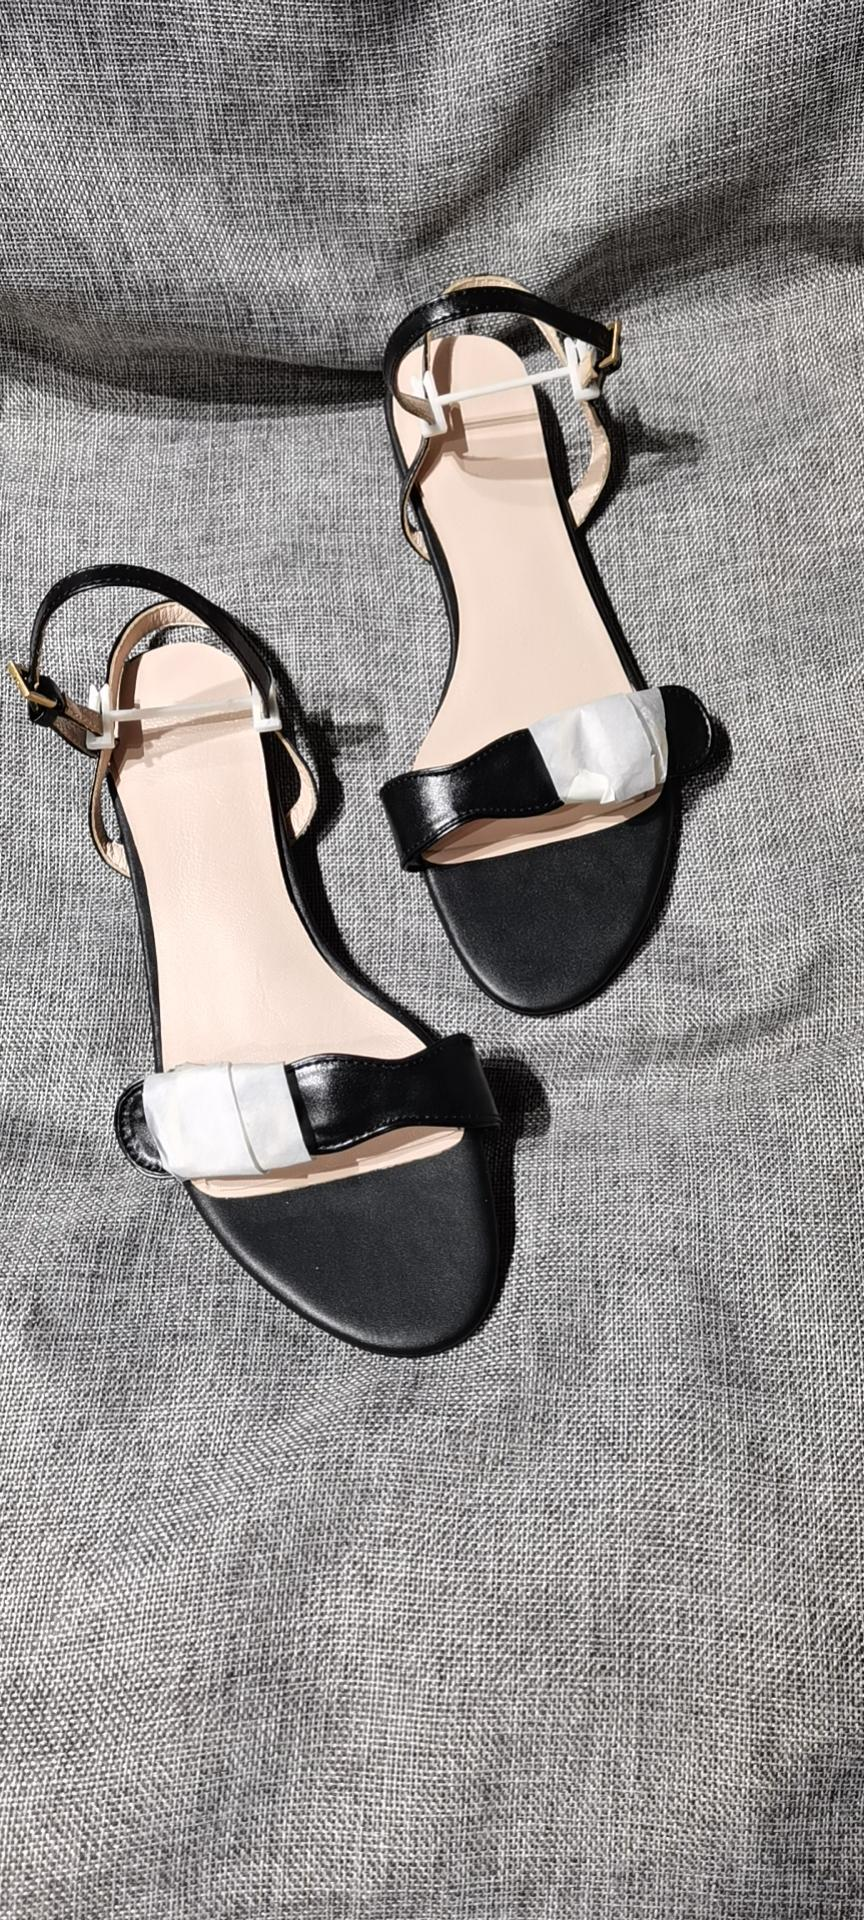 Venta caliente de verano zapatillas para mujer chappa femenina zapatillas de hongos sandalias de PVC Sandalias de jalea de camelia zapatos de playa